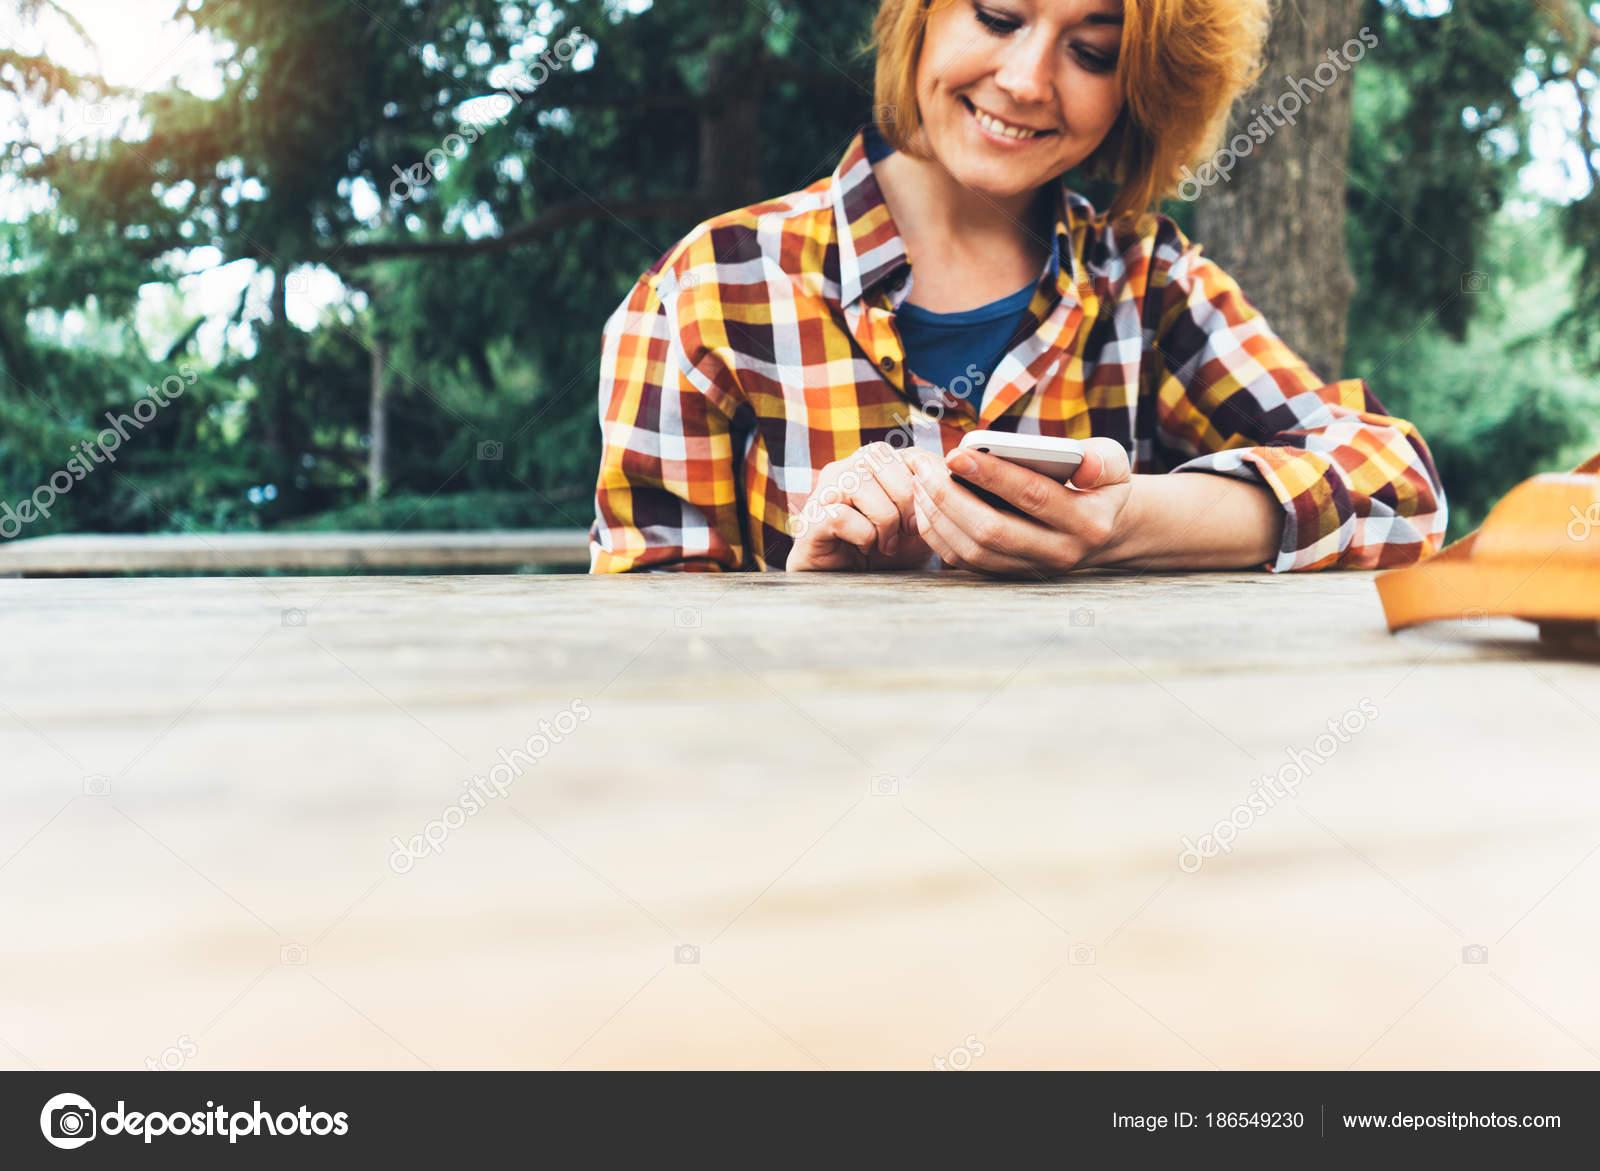 Сидя на лице онлайн, онлайн отдых на природе любительское порно